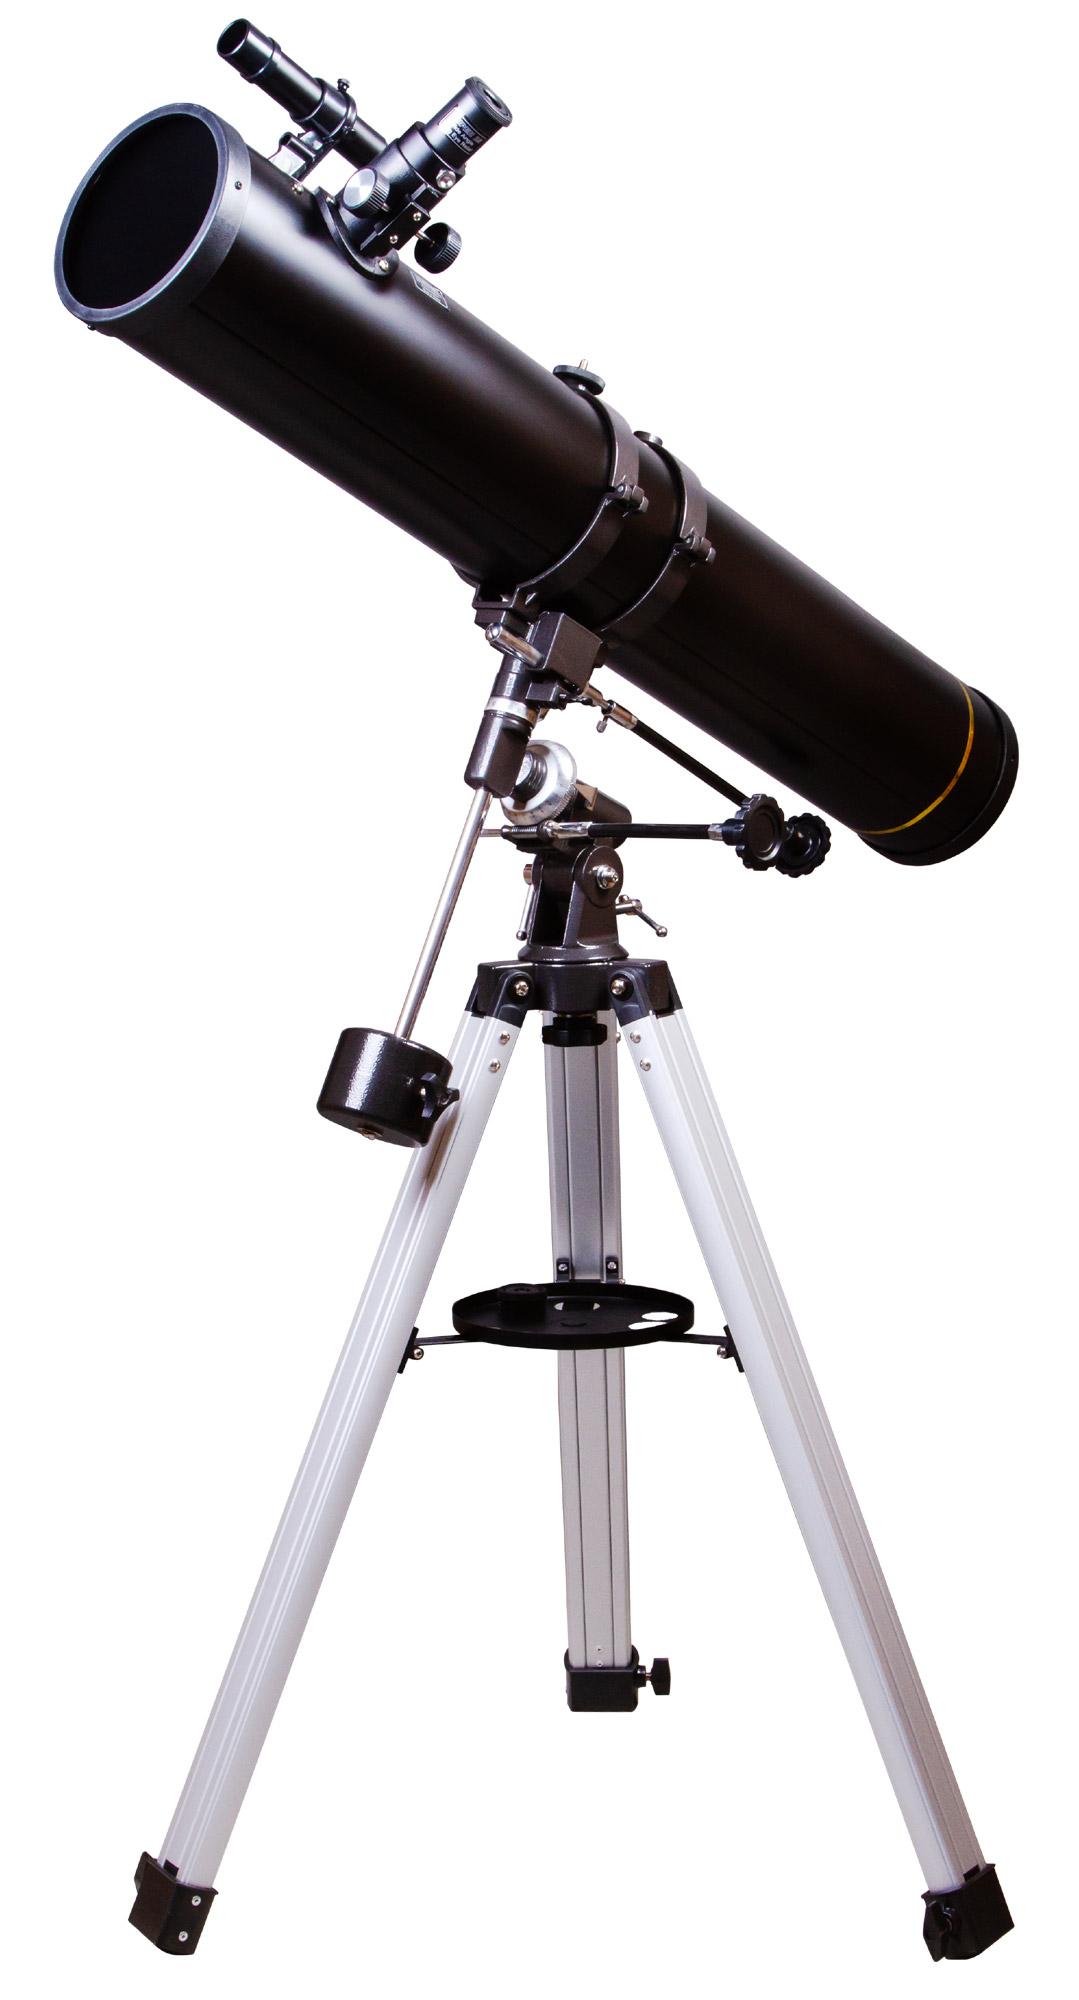 Картинка для Телескоп Levenhuk (Левенгук) Skyline PLUS 120S